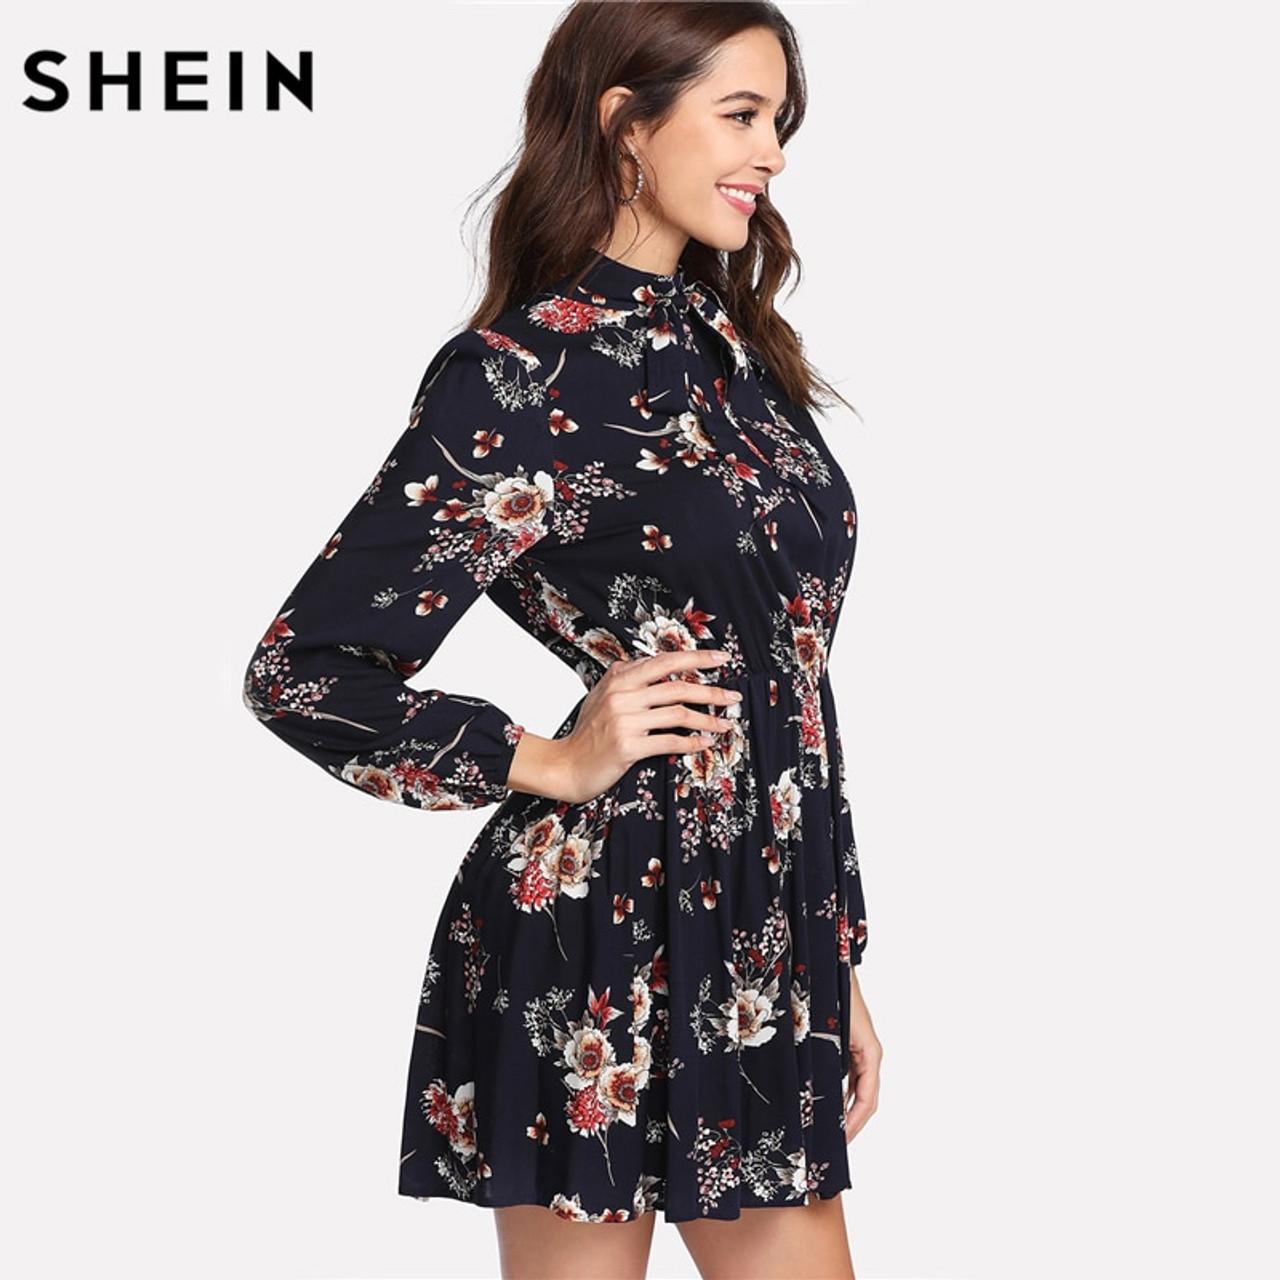 6741314387de ... SHEIN Autumn Floral Women Dresses Multicolor Elegant Long Sleeve High  Waist A Line Chic Dress Ladies ...